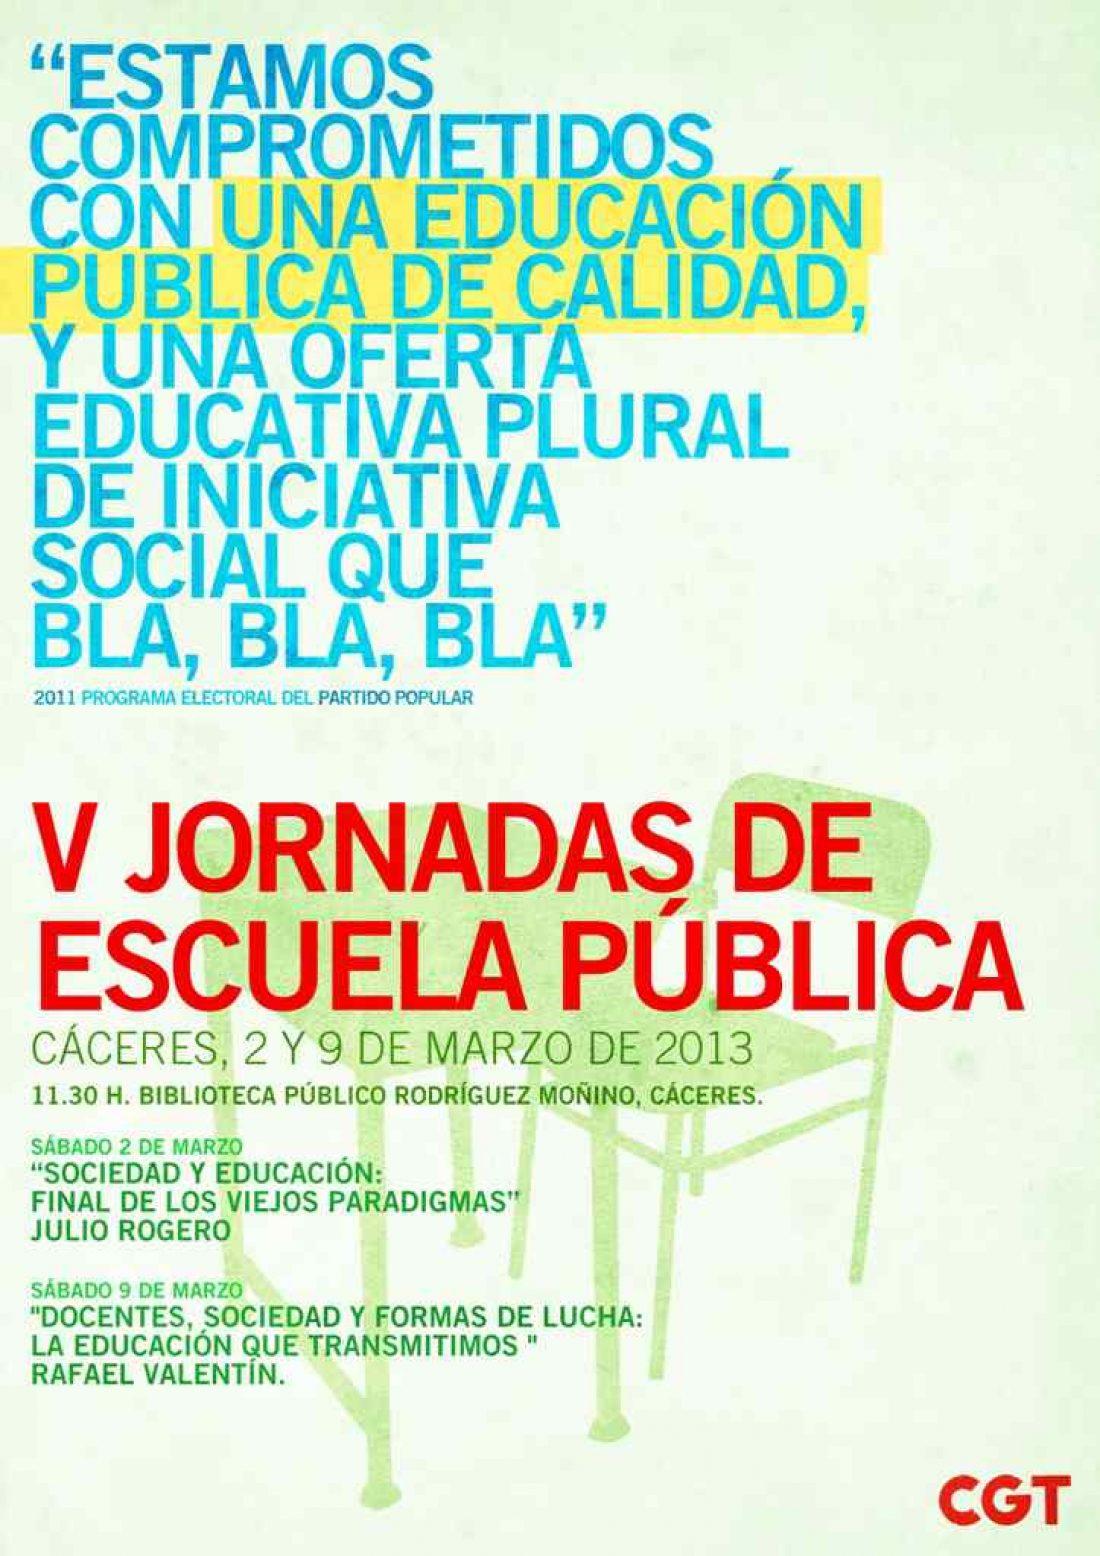 La Vª edición de las Jornadas de Escuela Pública de CGT Cáceres se celebra el 2 y 9 de marzo el la Biblioteca Pública cacereña.